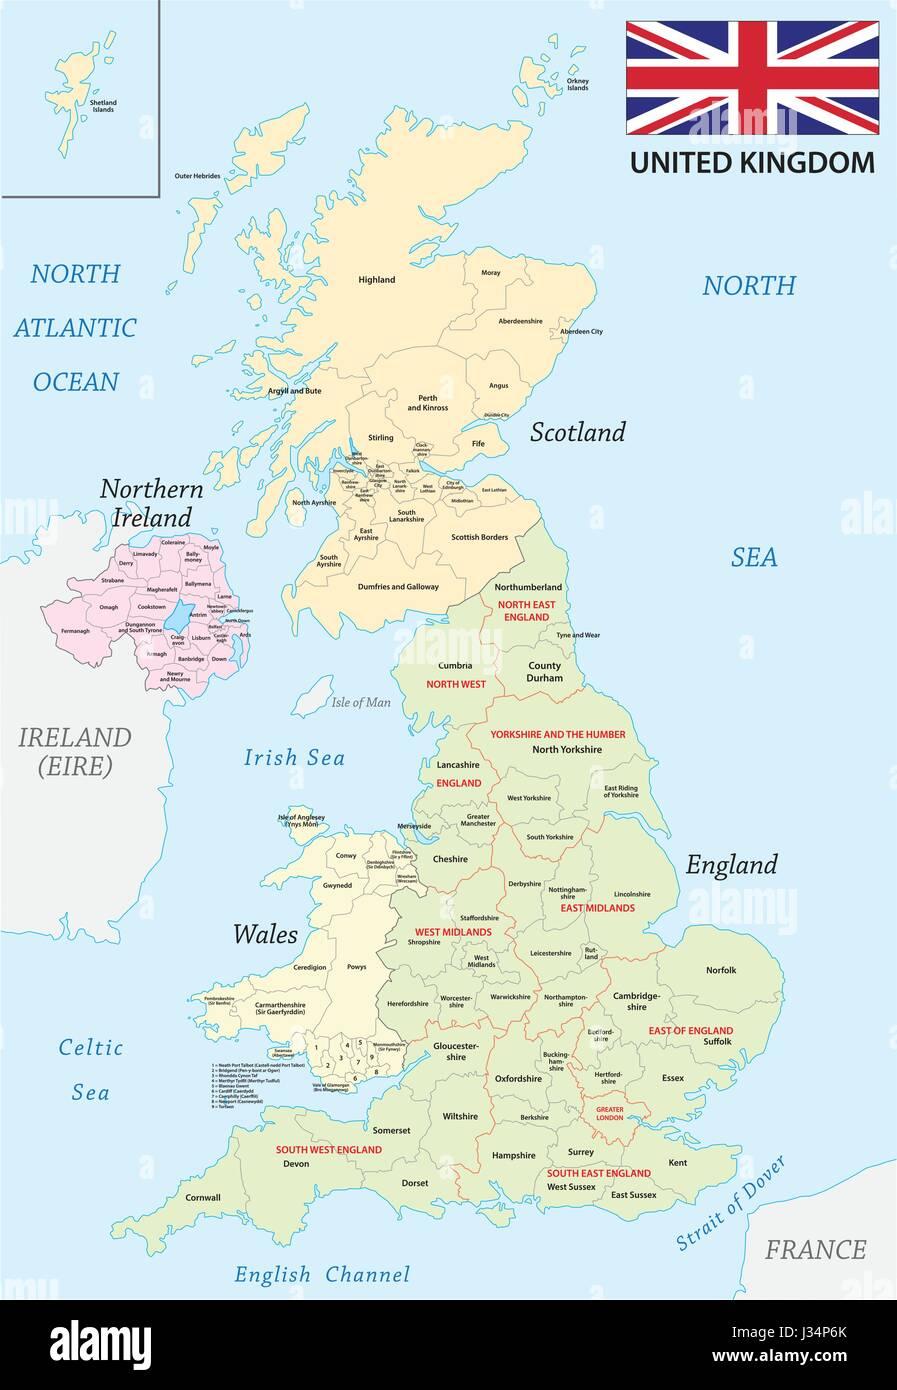 Regno Unito Cartina Geografica Politica.Regno Unito Politica E Amministrativa Di Mappa Con Bandiera Immagine E Vettoriale Alamy